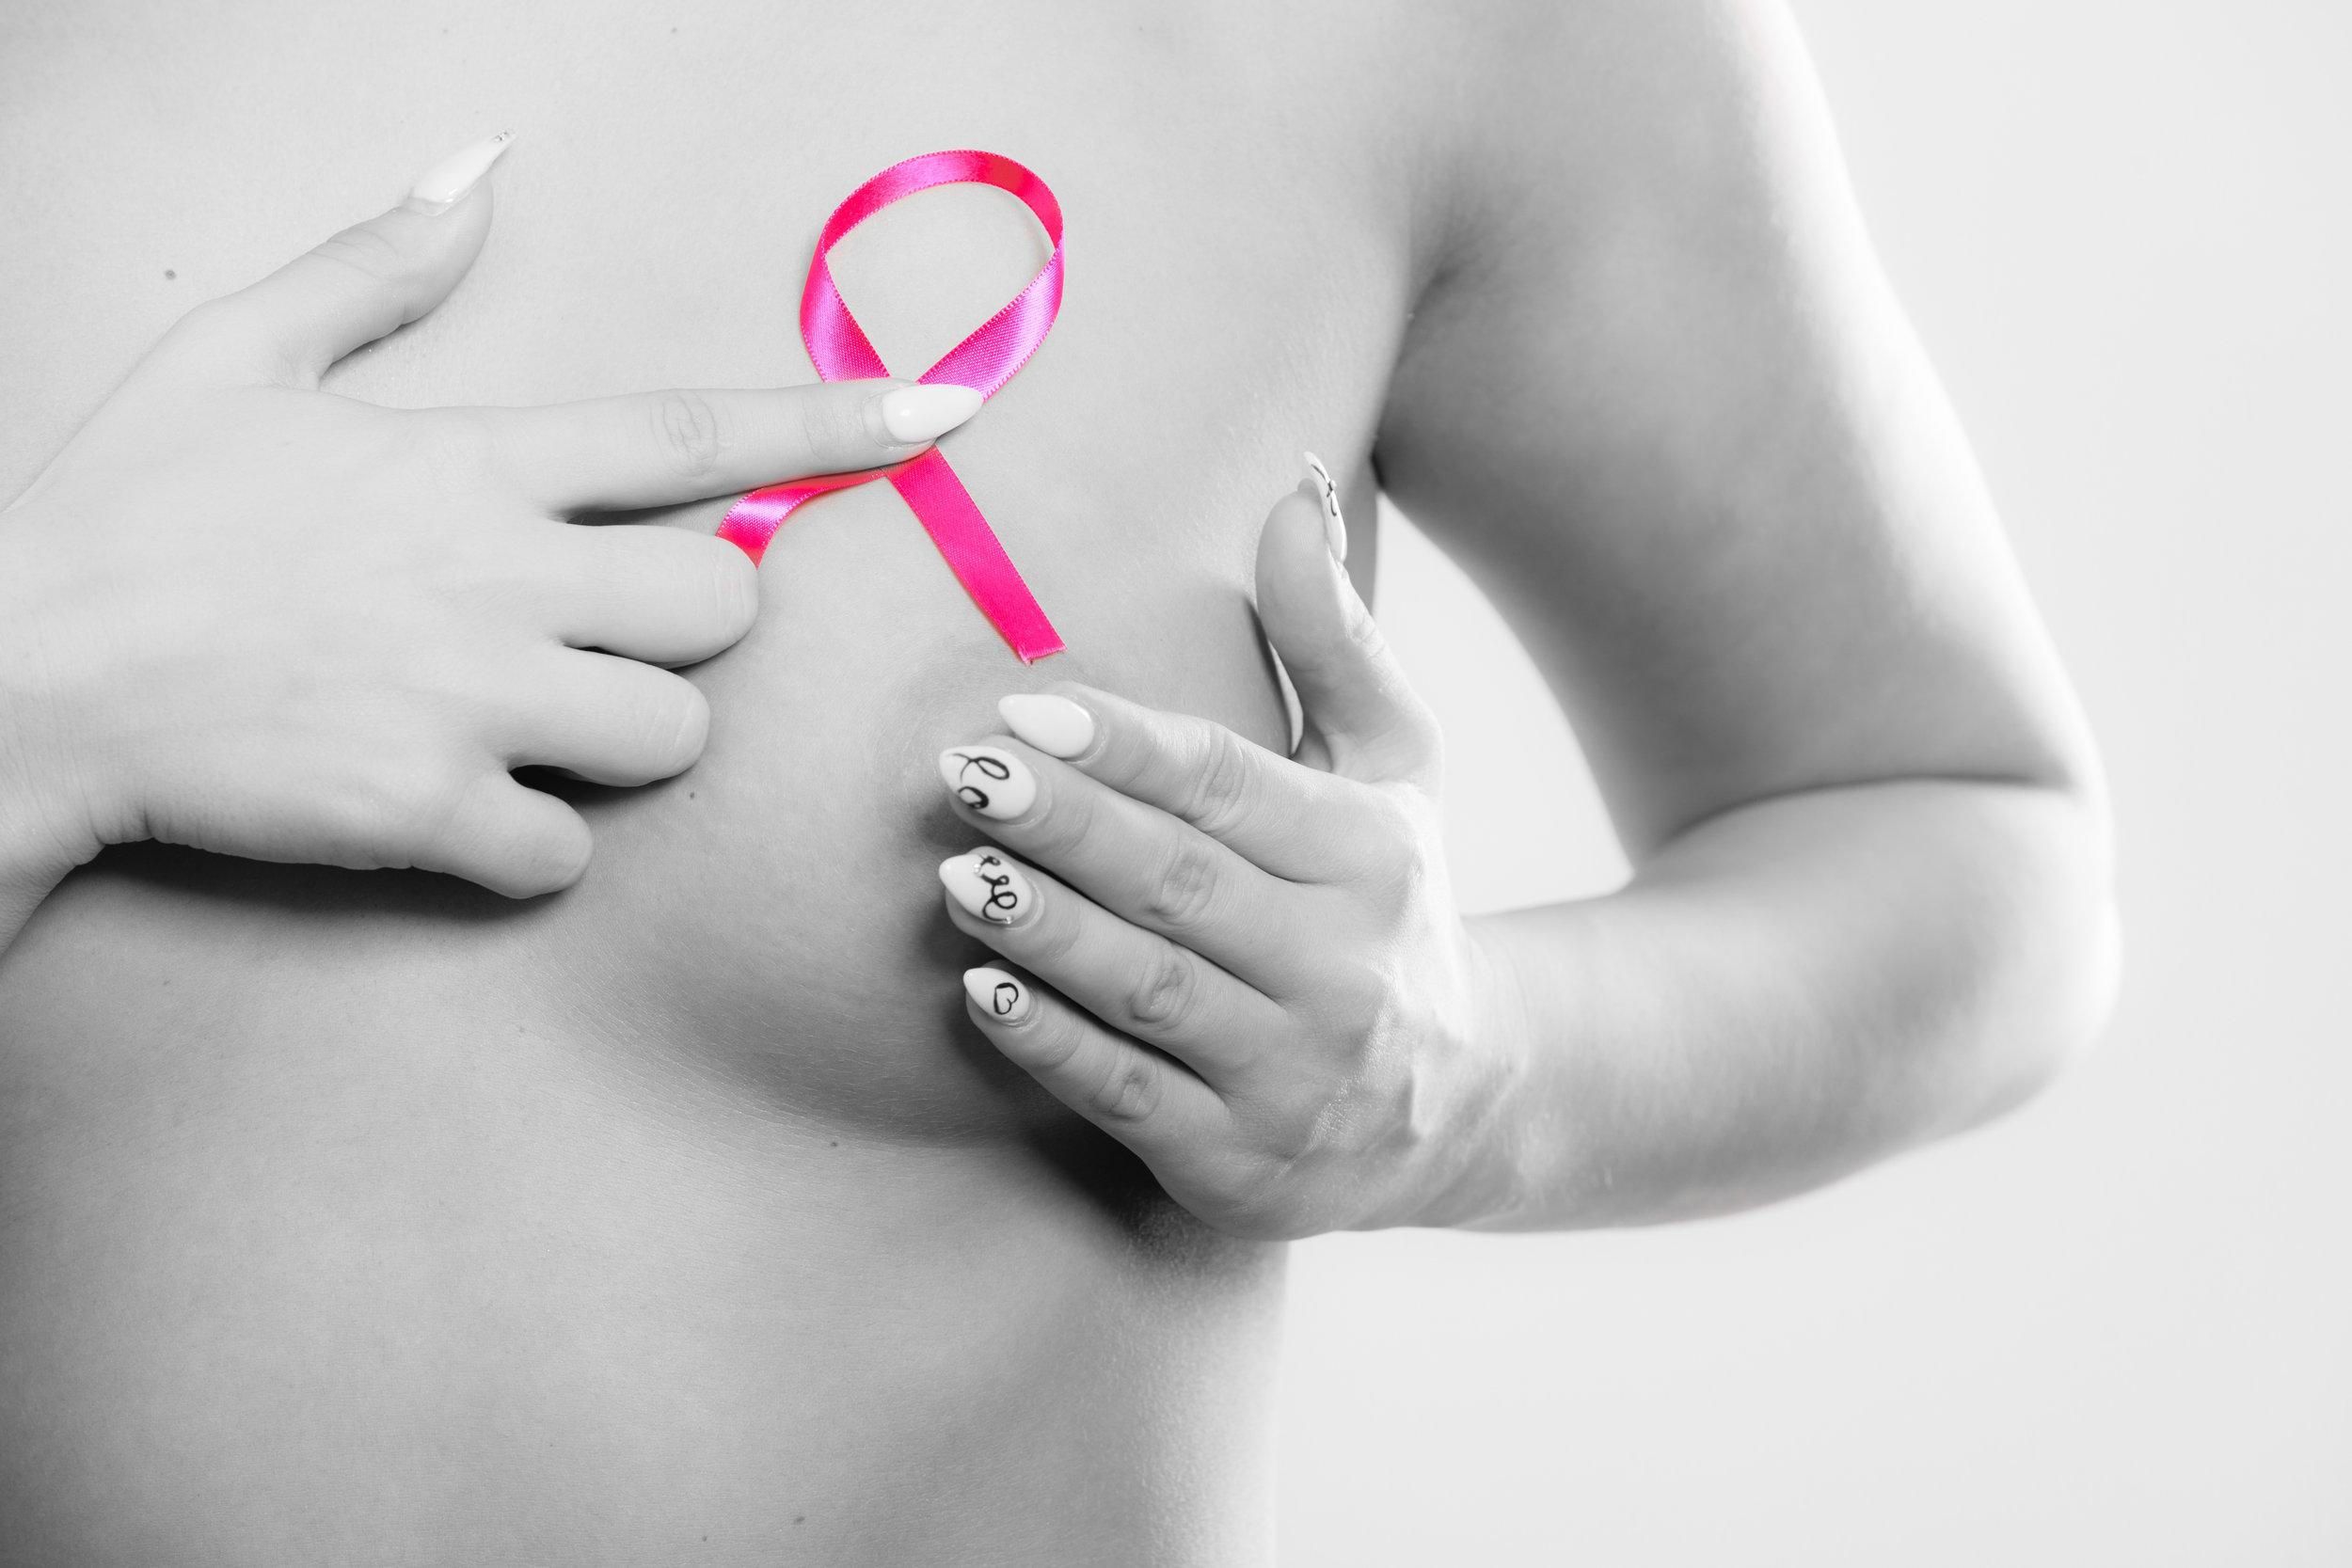 Les femmes avec des petits seins risquent moins de développer un cancer du sein? -